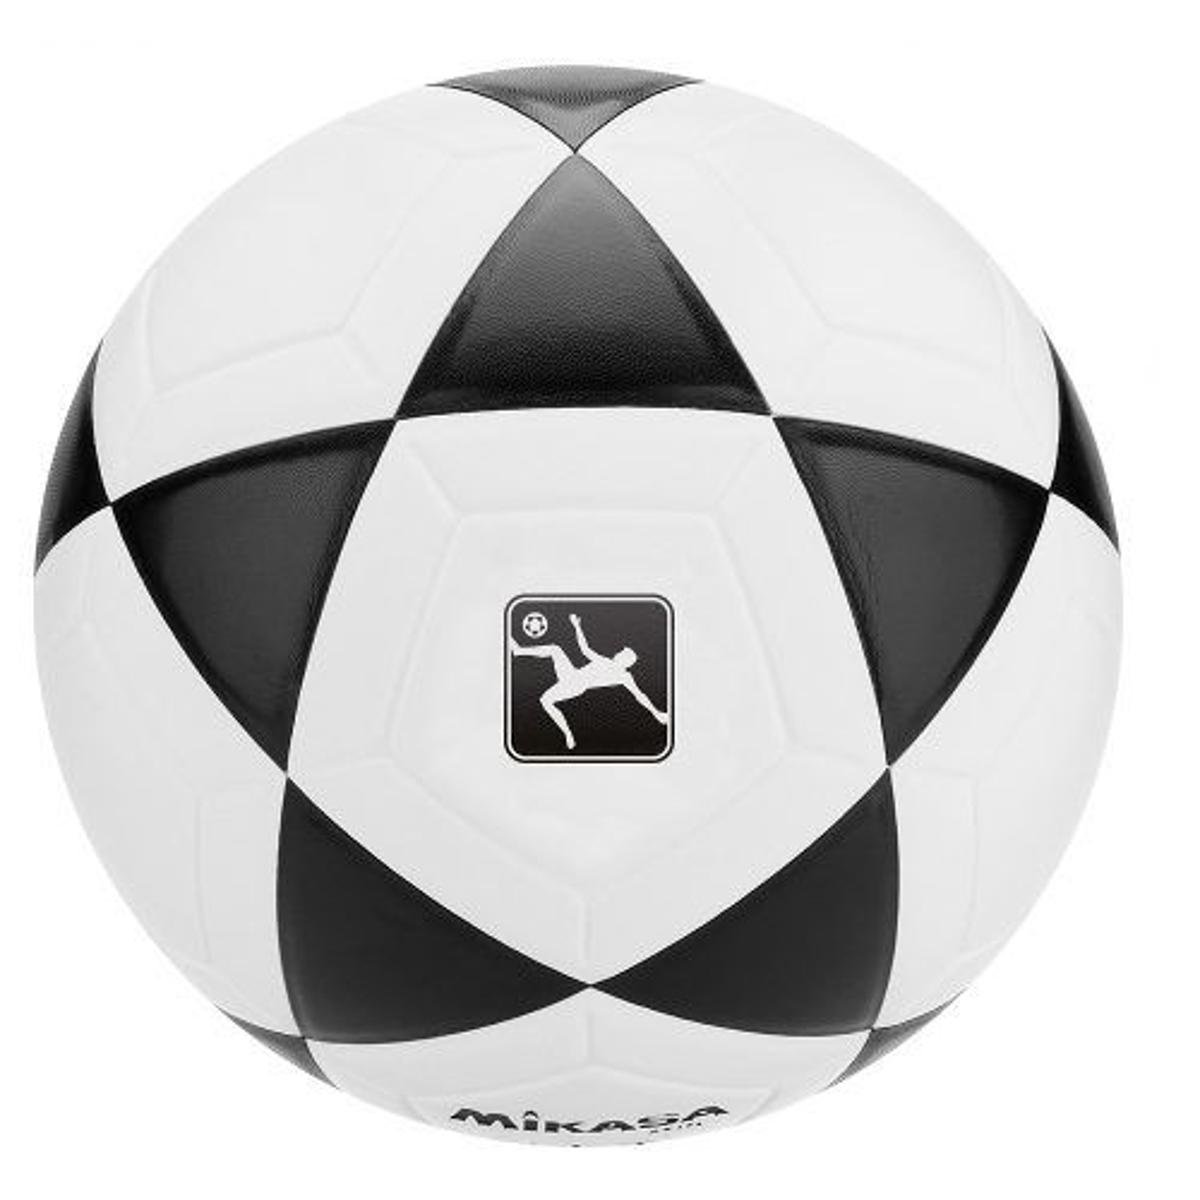 afa3ecf62c Bola Oficial de Futevôlei FT-5 Padrão FIFA Mikasa - Branco e Preto ...